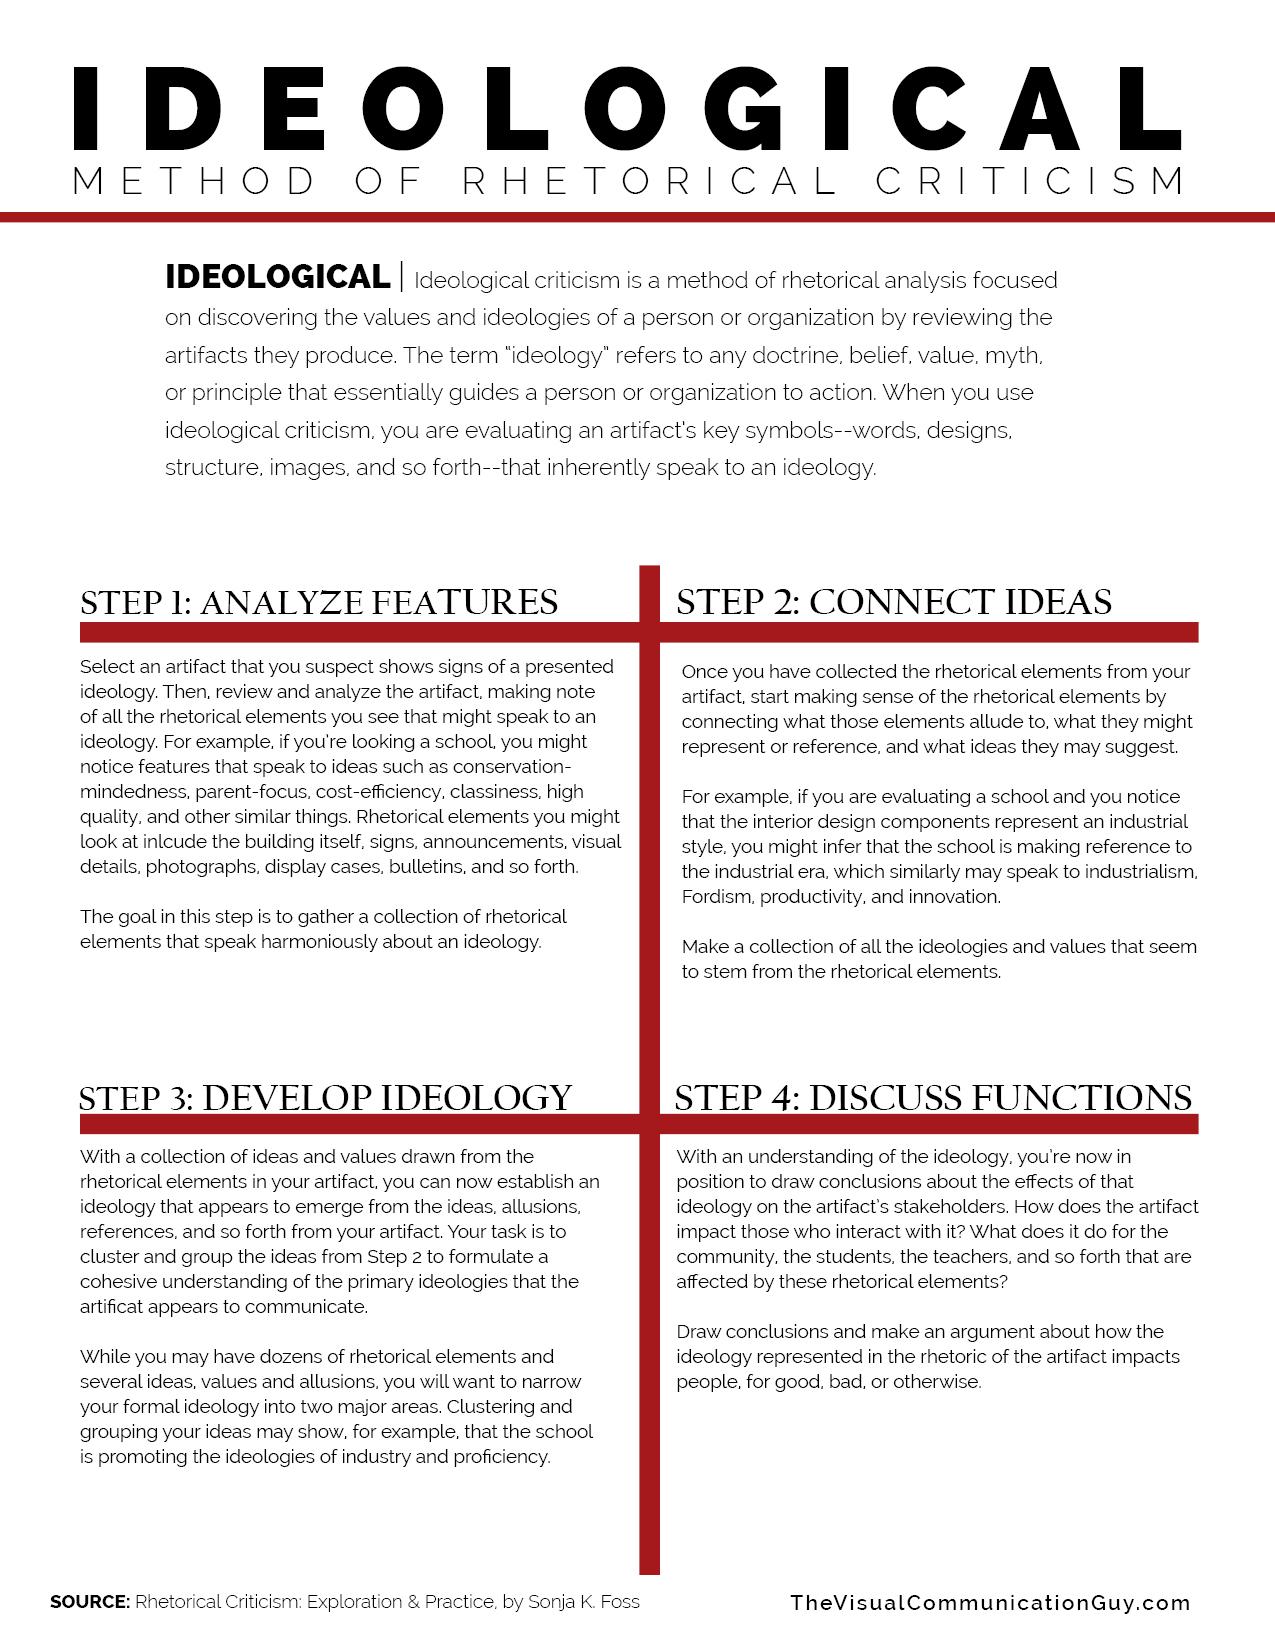 Ideologicalysis Method Of Rhetorical Criticism The Visual Communication Guy Designing